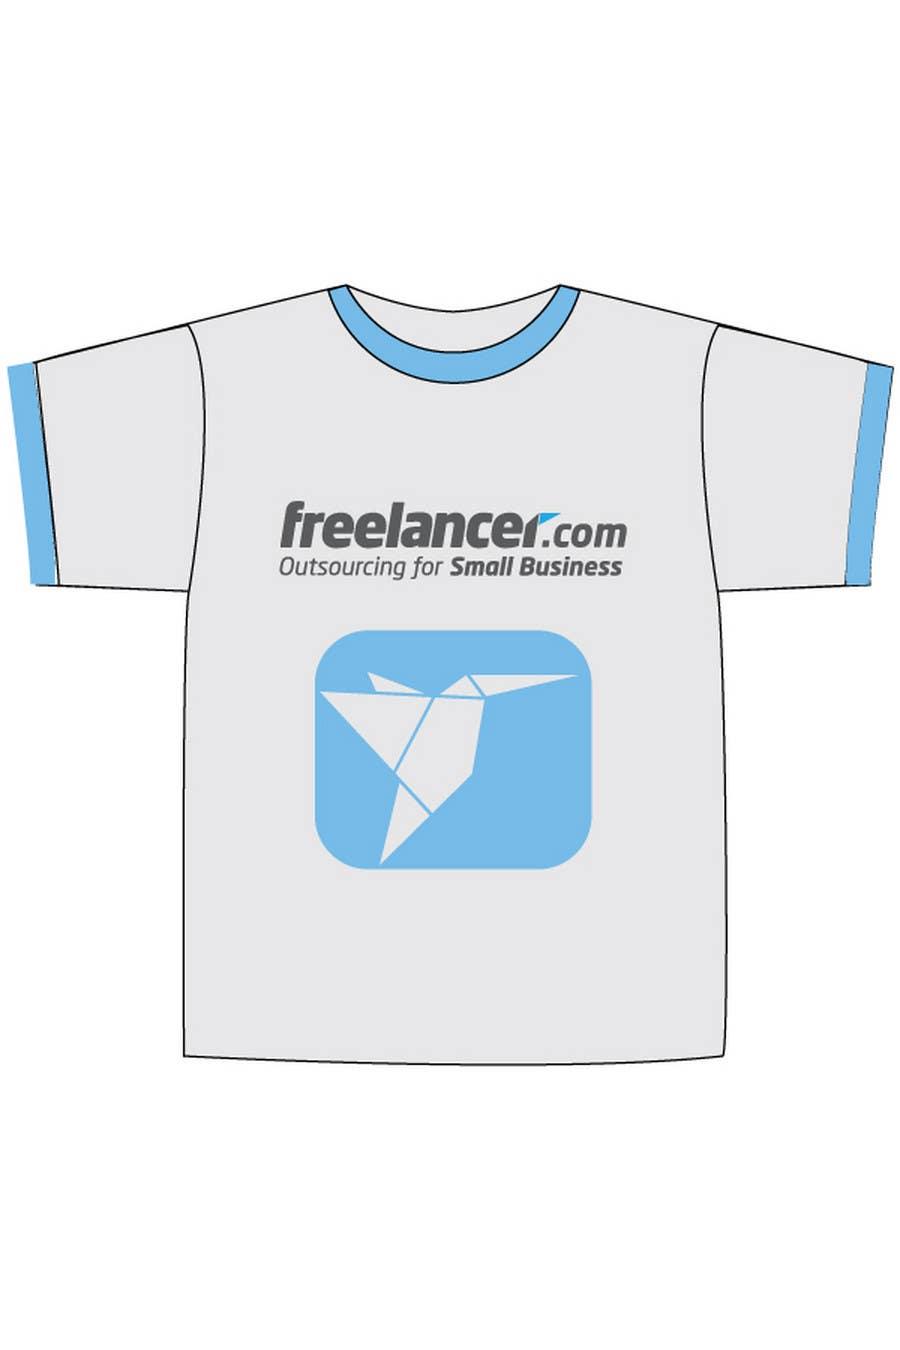 Contest Entry #3454 for T-shirt Design Contest for Freelancer.com